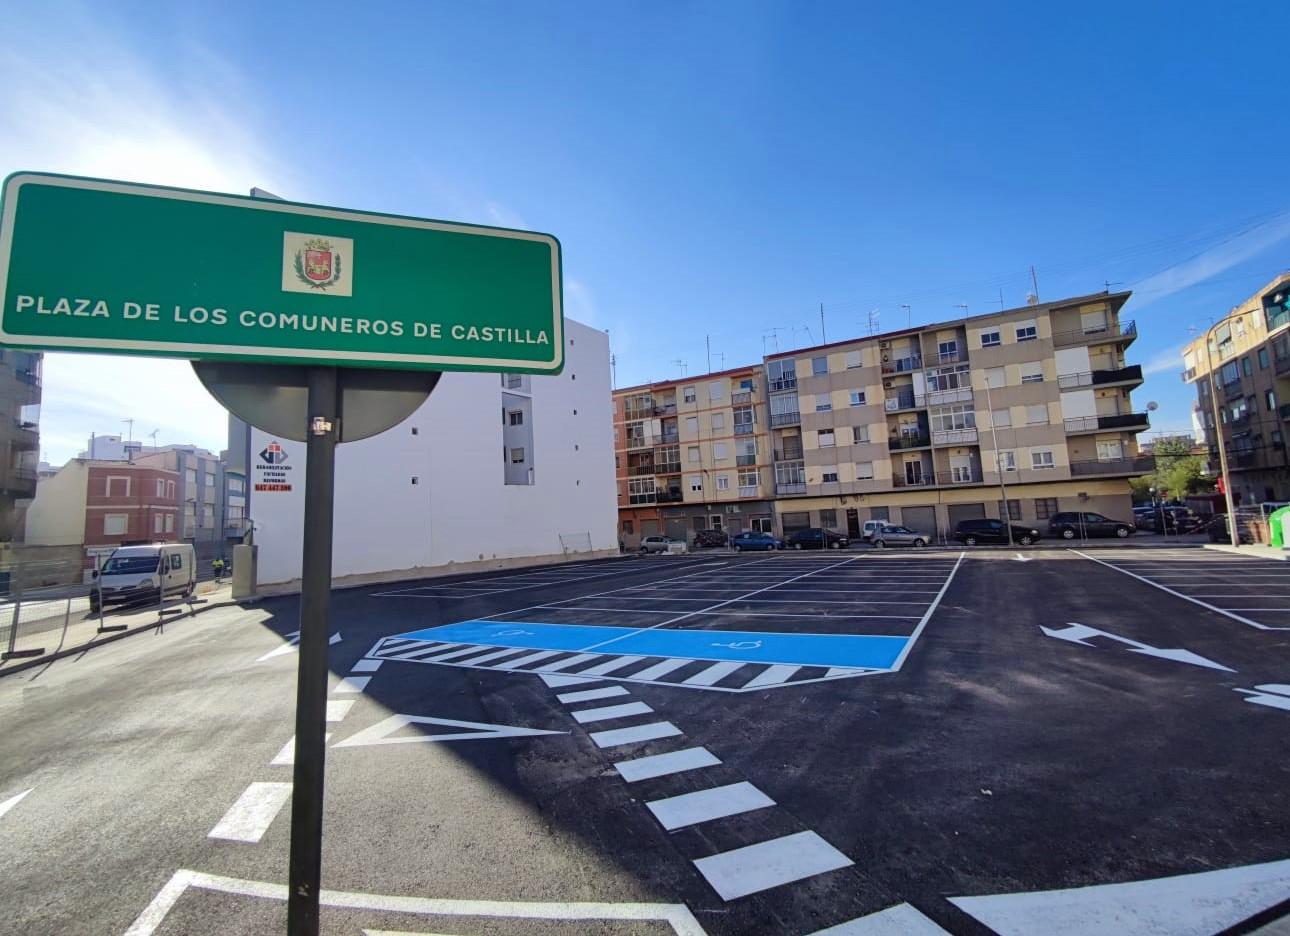 El nuevo aparcamiento municipal habilitado en el antiguo depósito de vehículos de la calle La Cruz entrará en funcionamiento en los próximos días